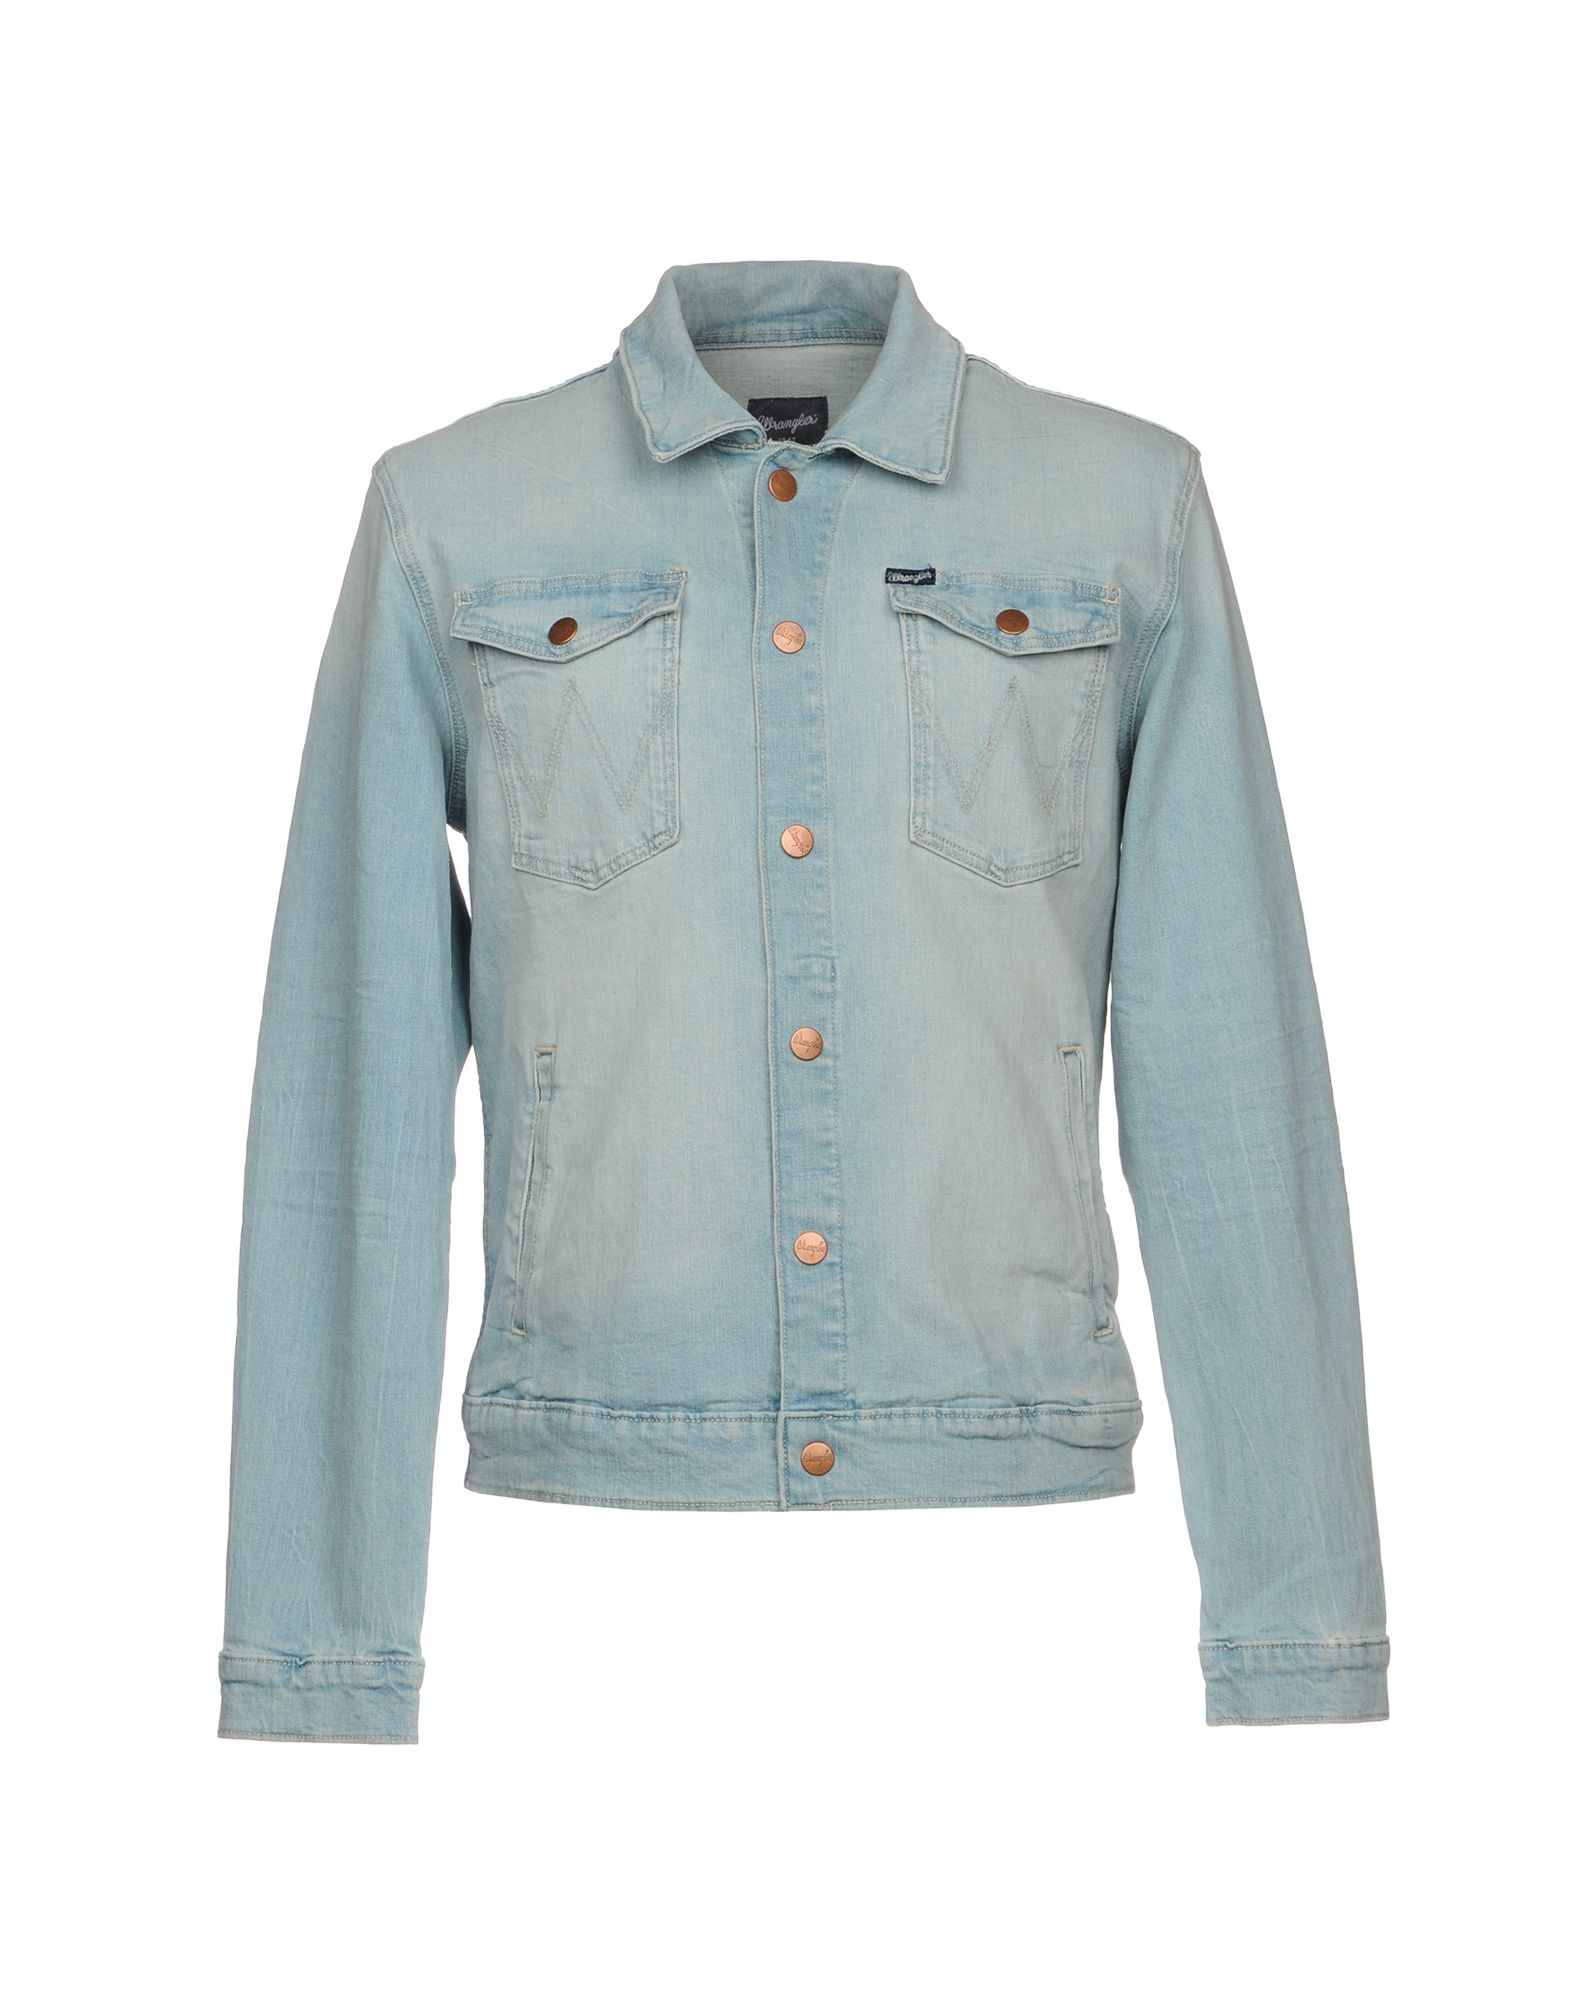 WRANGLER Джинсовая верхняя одежда reiko джинсовая верхняя одежда